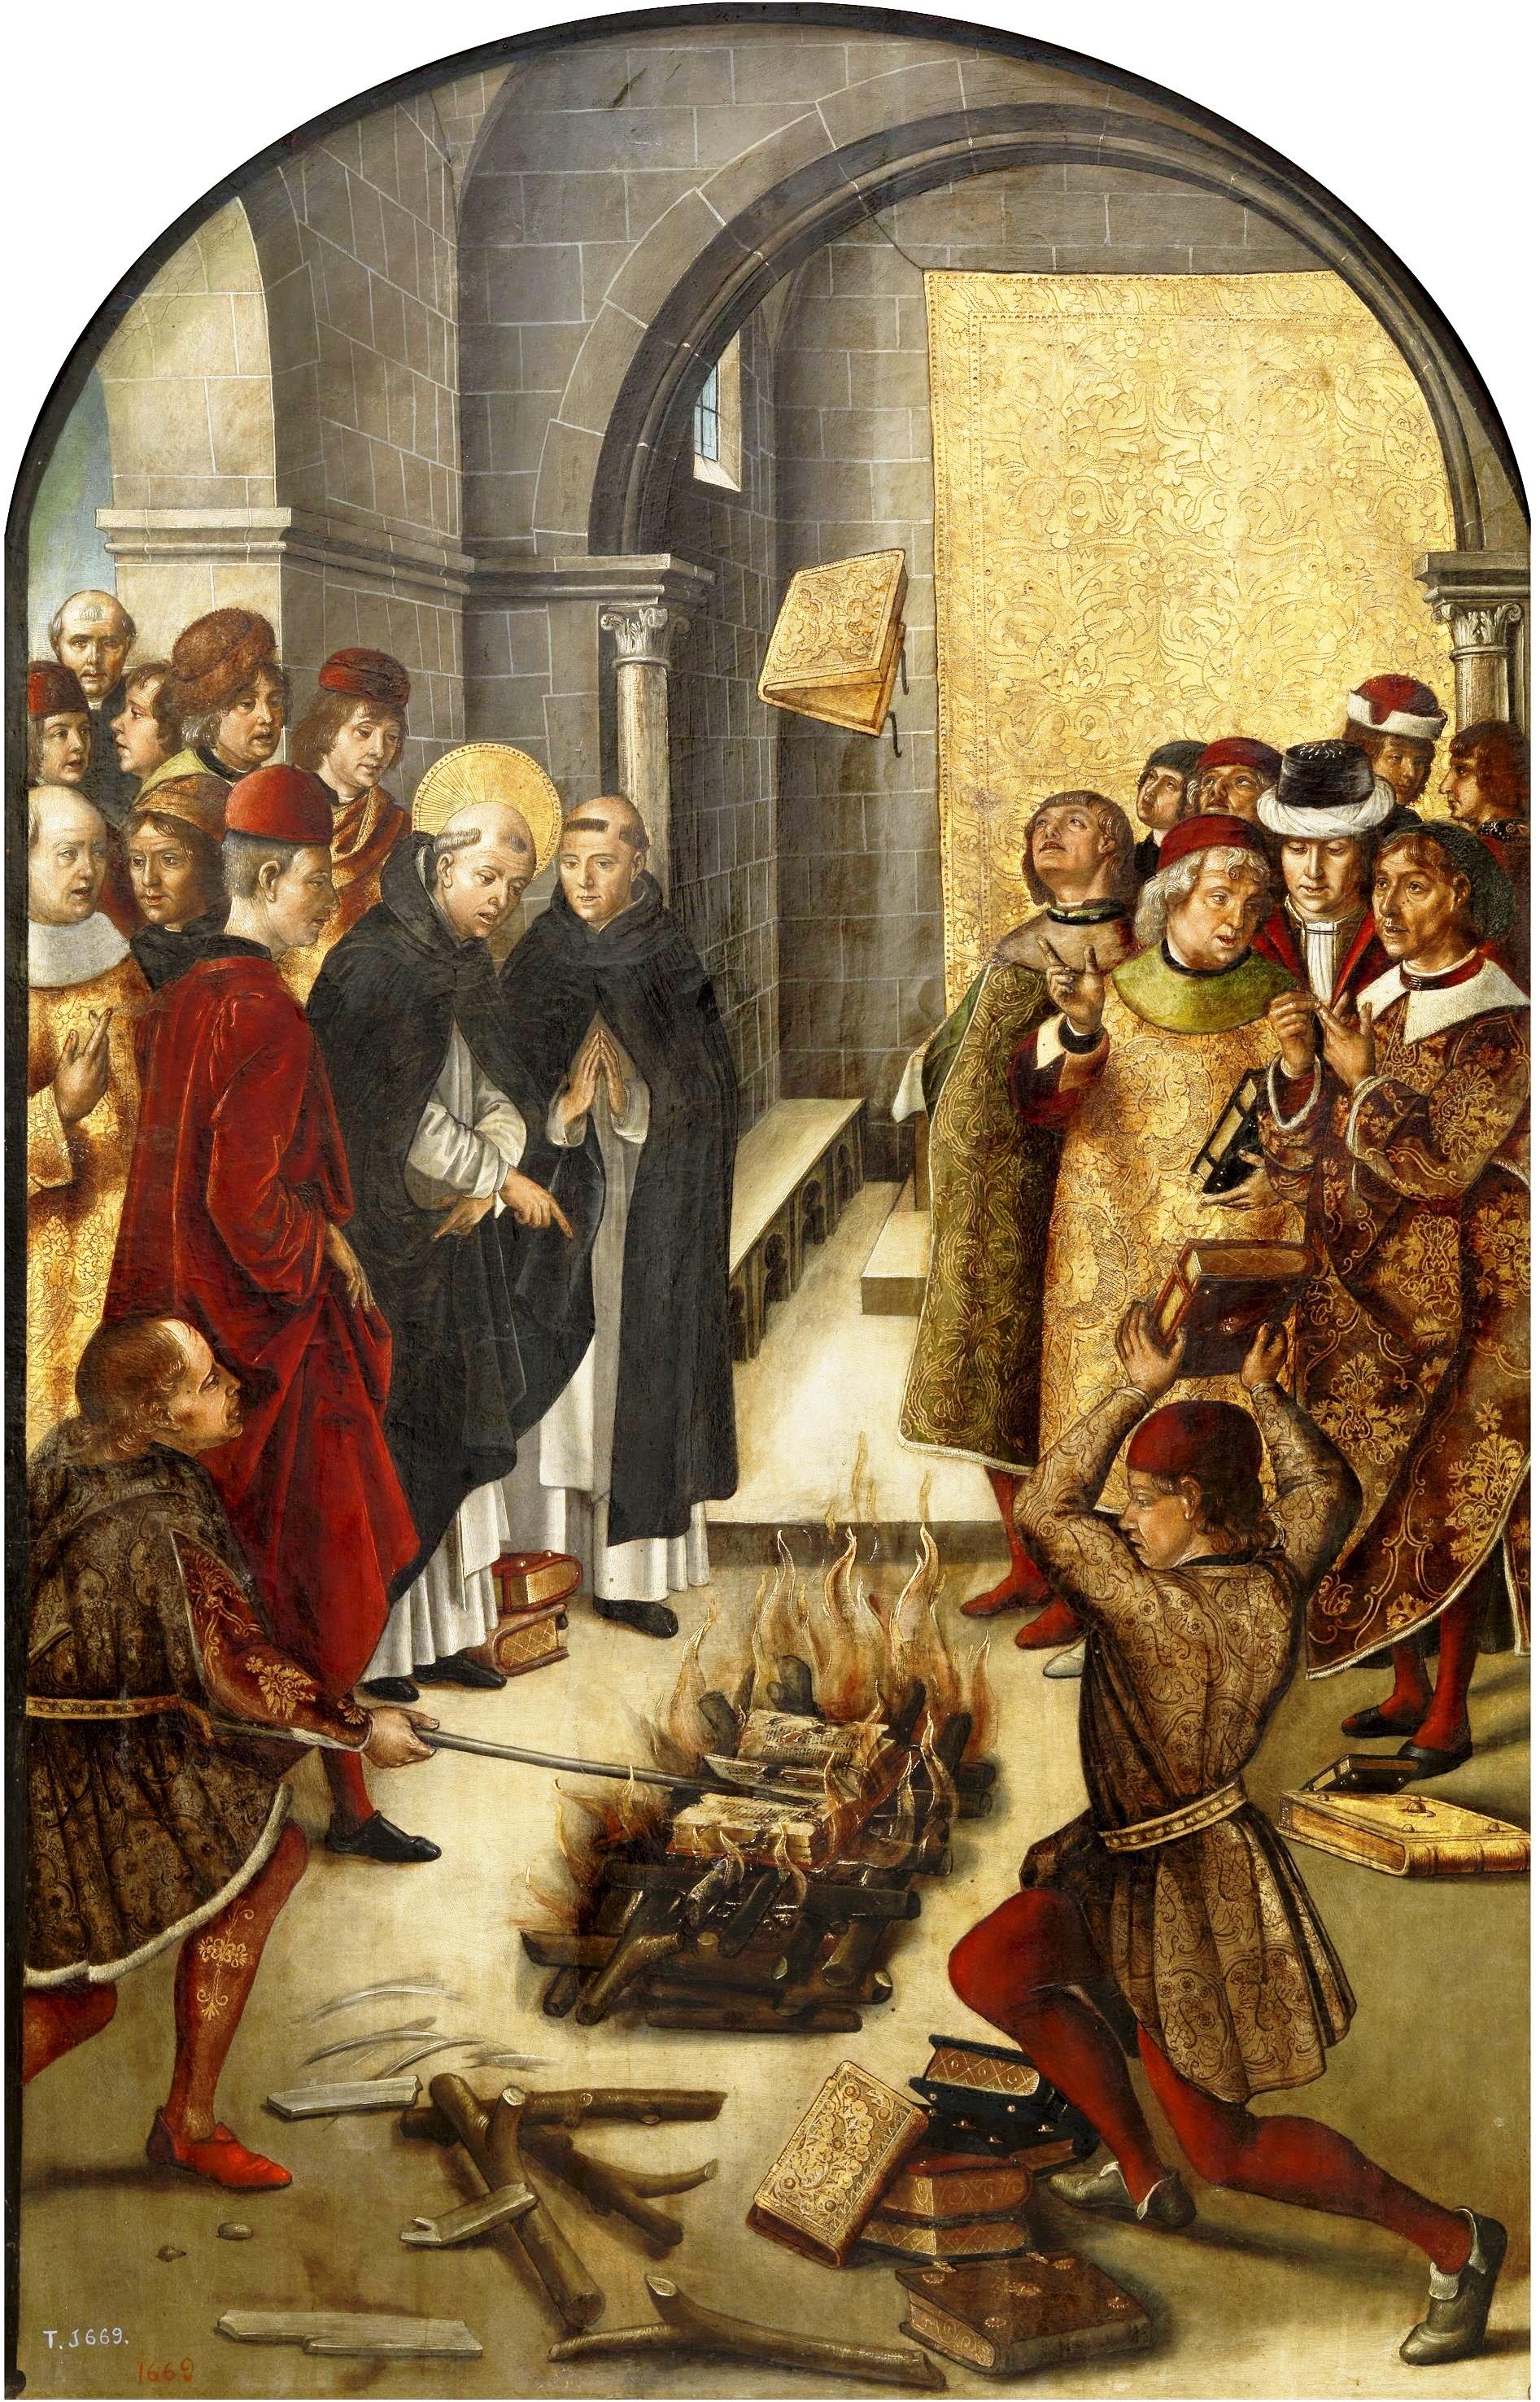 Bildergebnis für Mönche zerstörten klassische werke